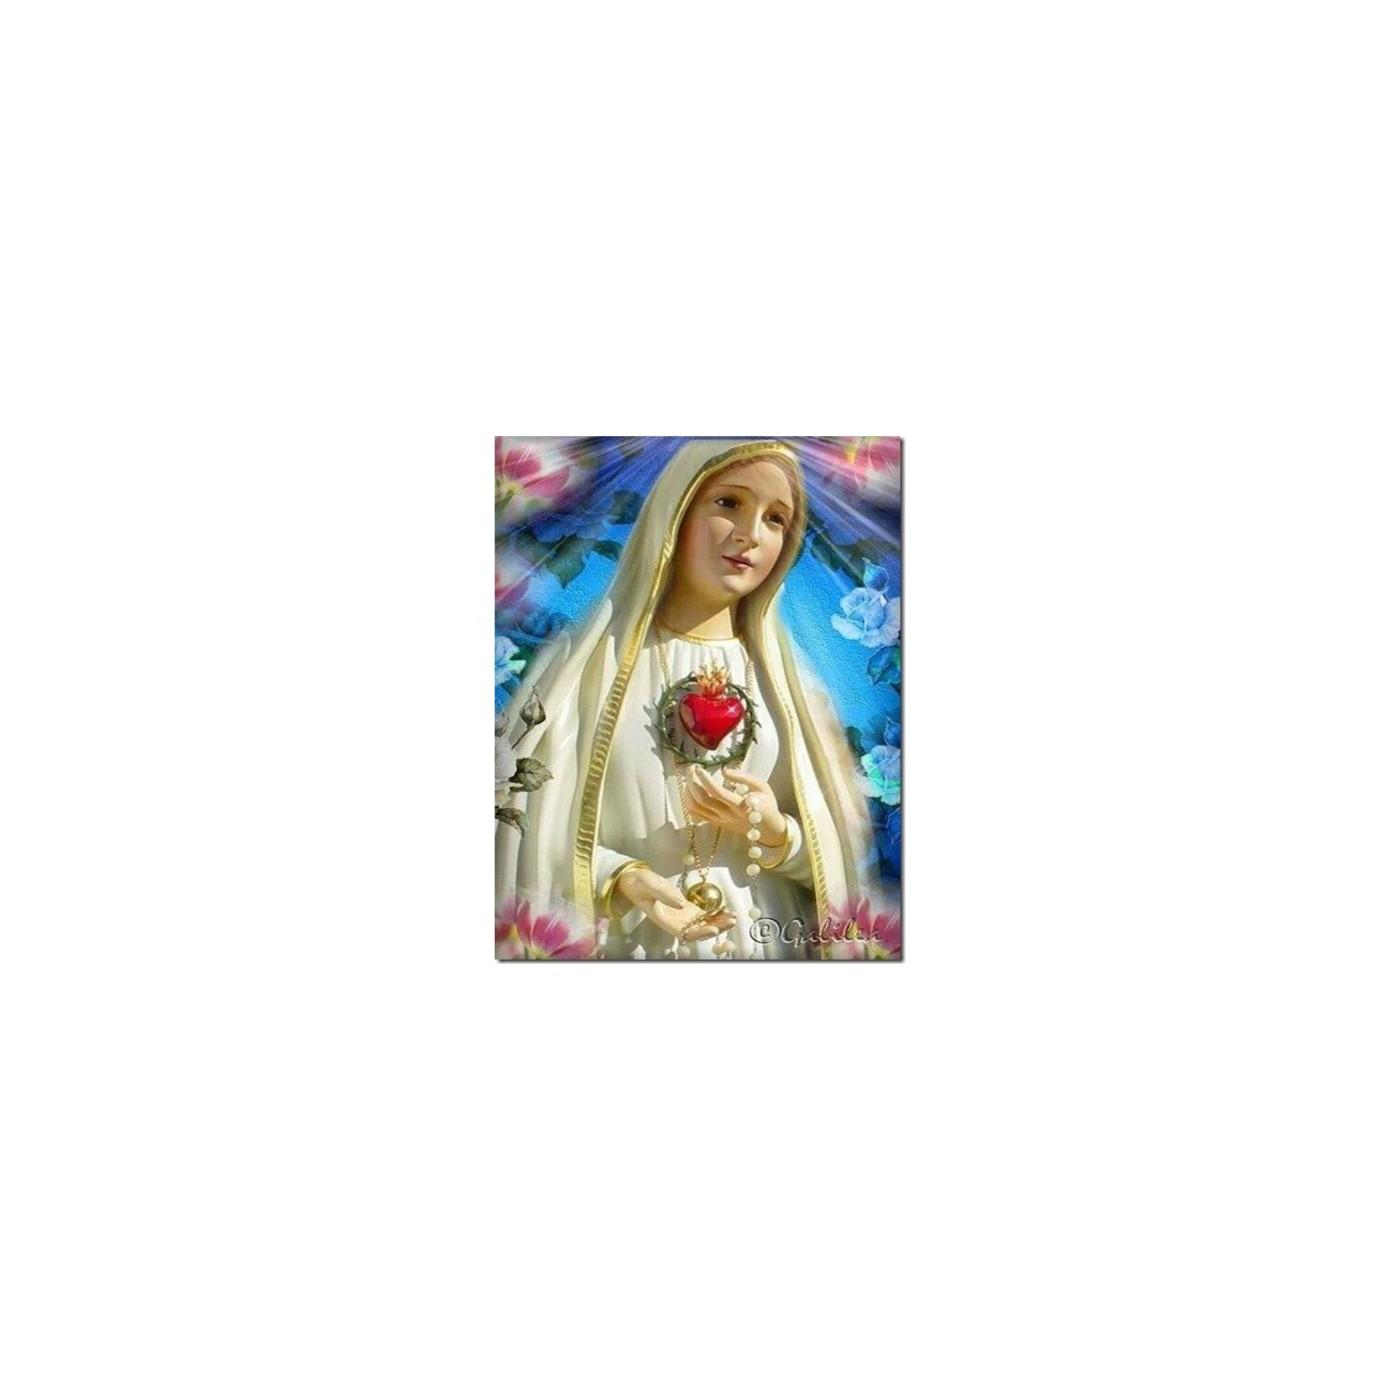 Santo Rosario, Misterios Gozosos Lunes y Sabado